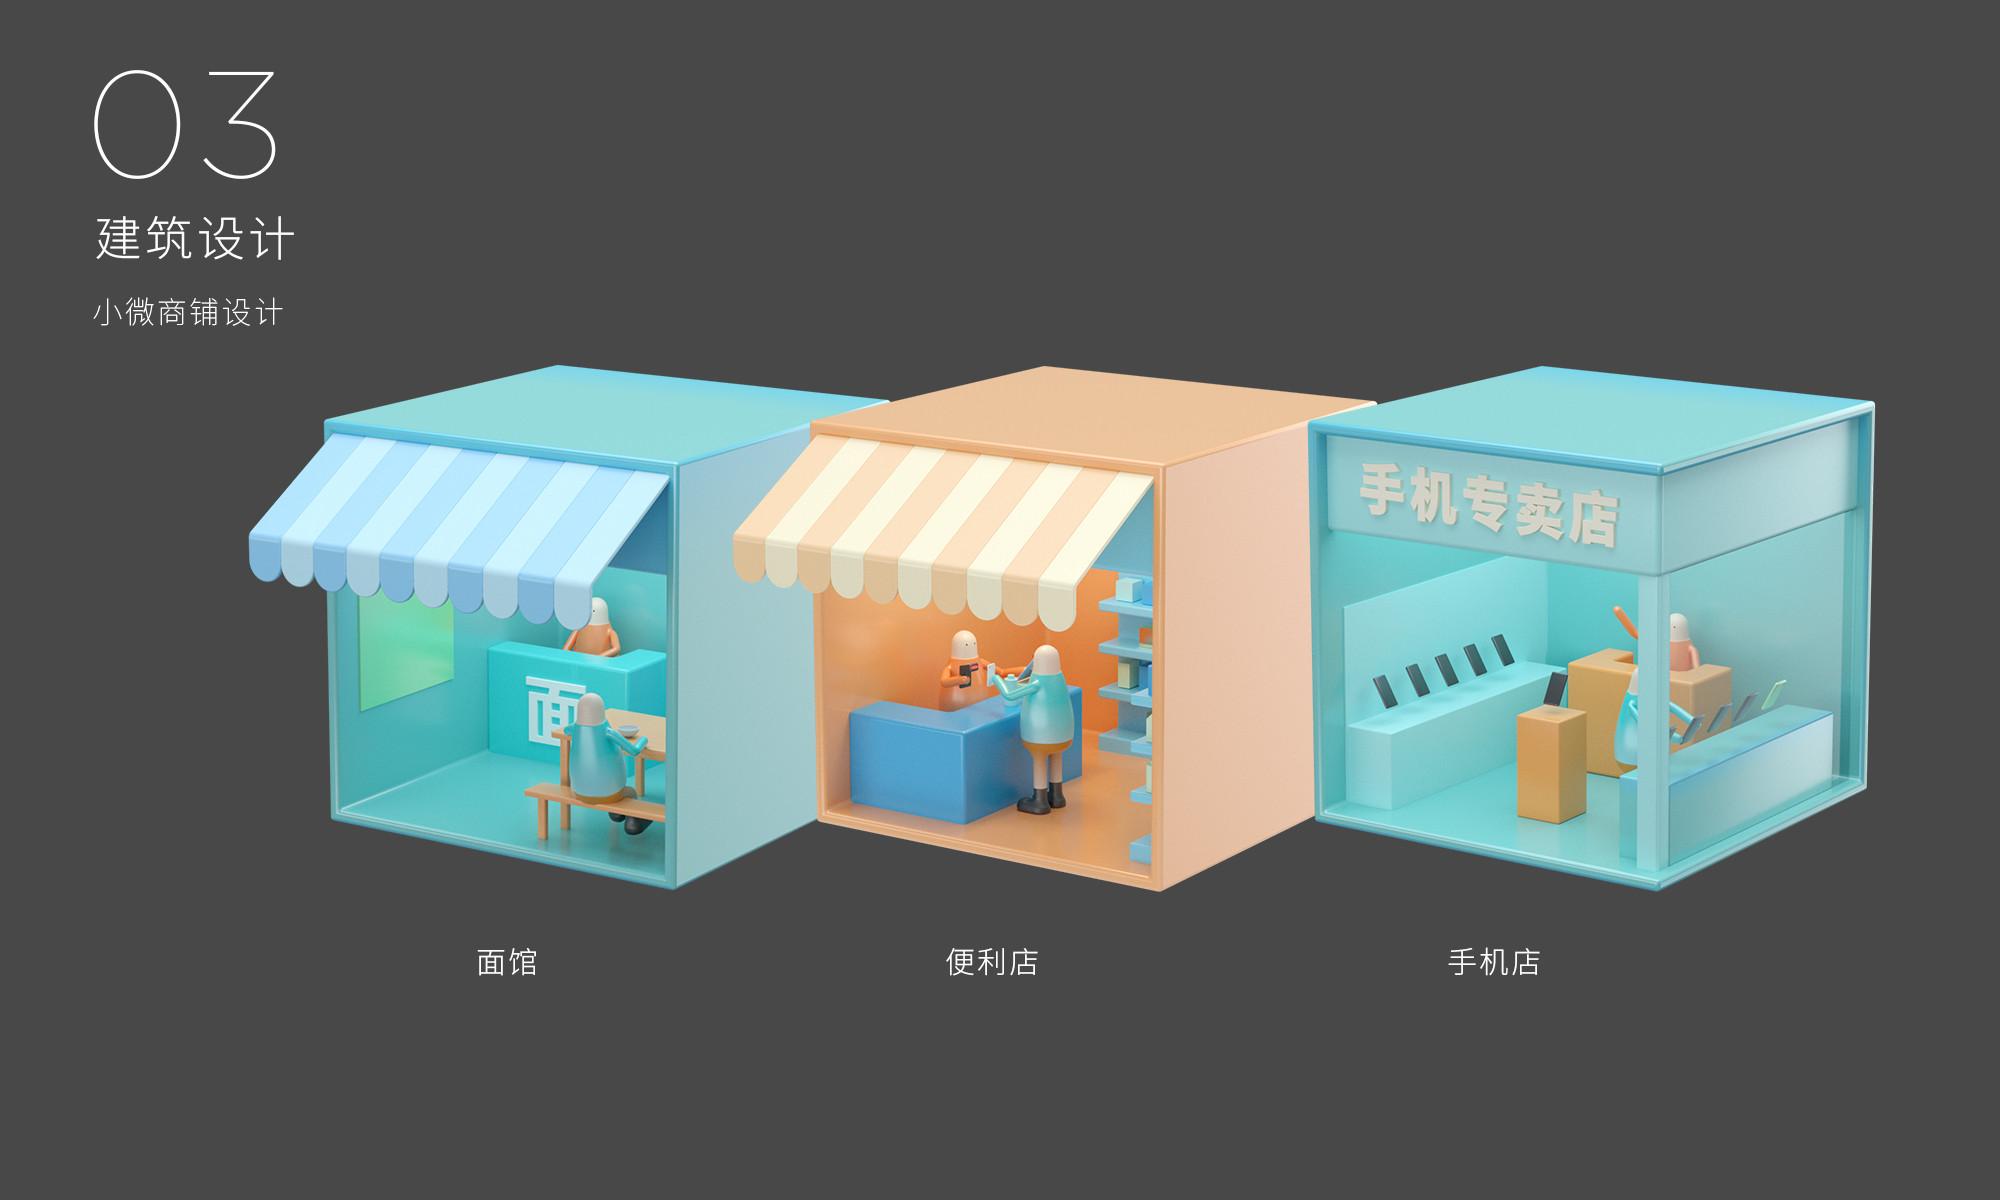 02建筑设定2.jpg